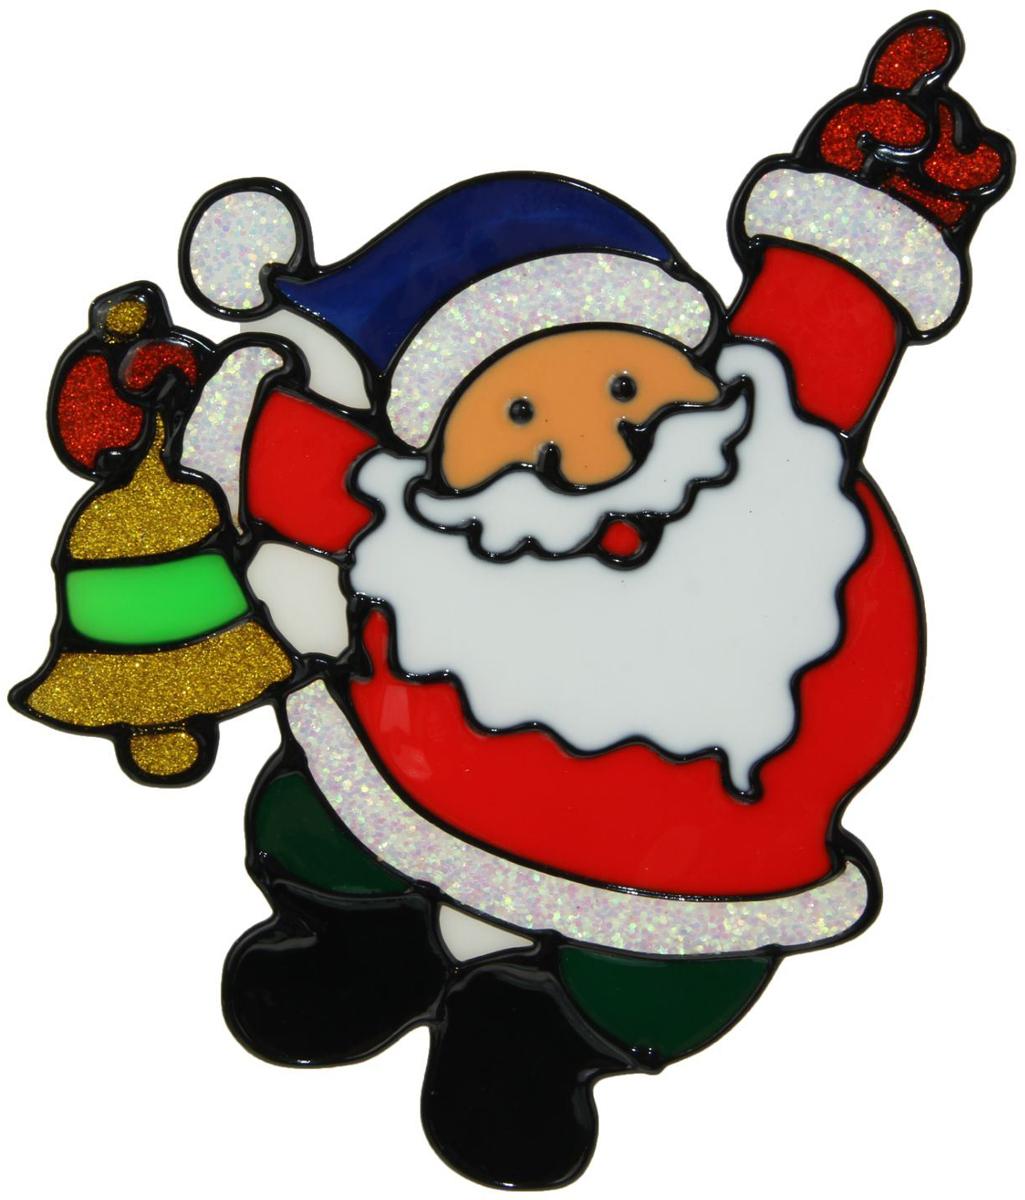 Украшение новогоднее оконное NoName Дед Мороз с колокольчиком и в синем колпаке, 14 х 19 см1399724Новогоднее оконное украшение NoName Дед Мороз с колокольчиком и в синем колпаке поможет украсить дом к предстоящим праздникам. Яркая наклейка крепится к гладкой поверхности стекла посредством статического эффекта. С помощью такого украшения вы сможете оживить интерьер по своему вкусу.Новогодние украшения всегда несут в себе волшебство и красоту праздника. Создайте в своем доме атмосферу тепла, веселья и радости, украшая его всей семьей.